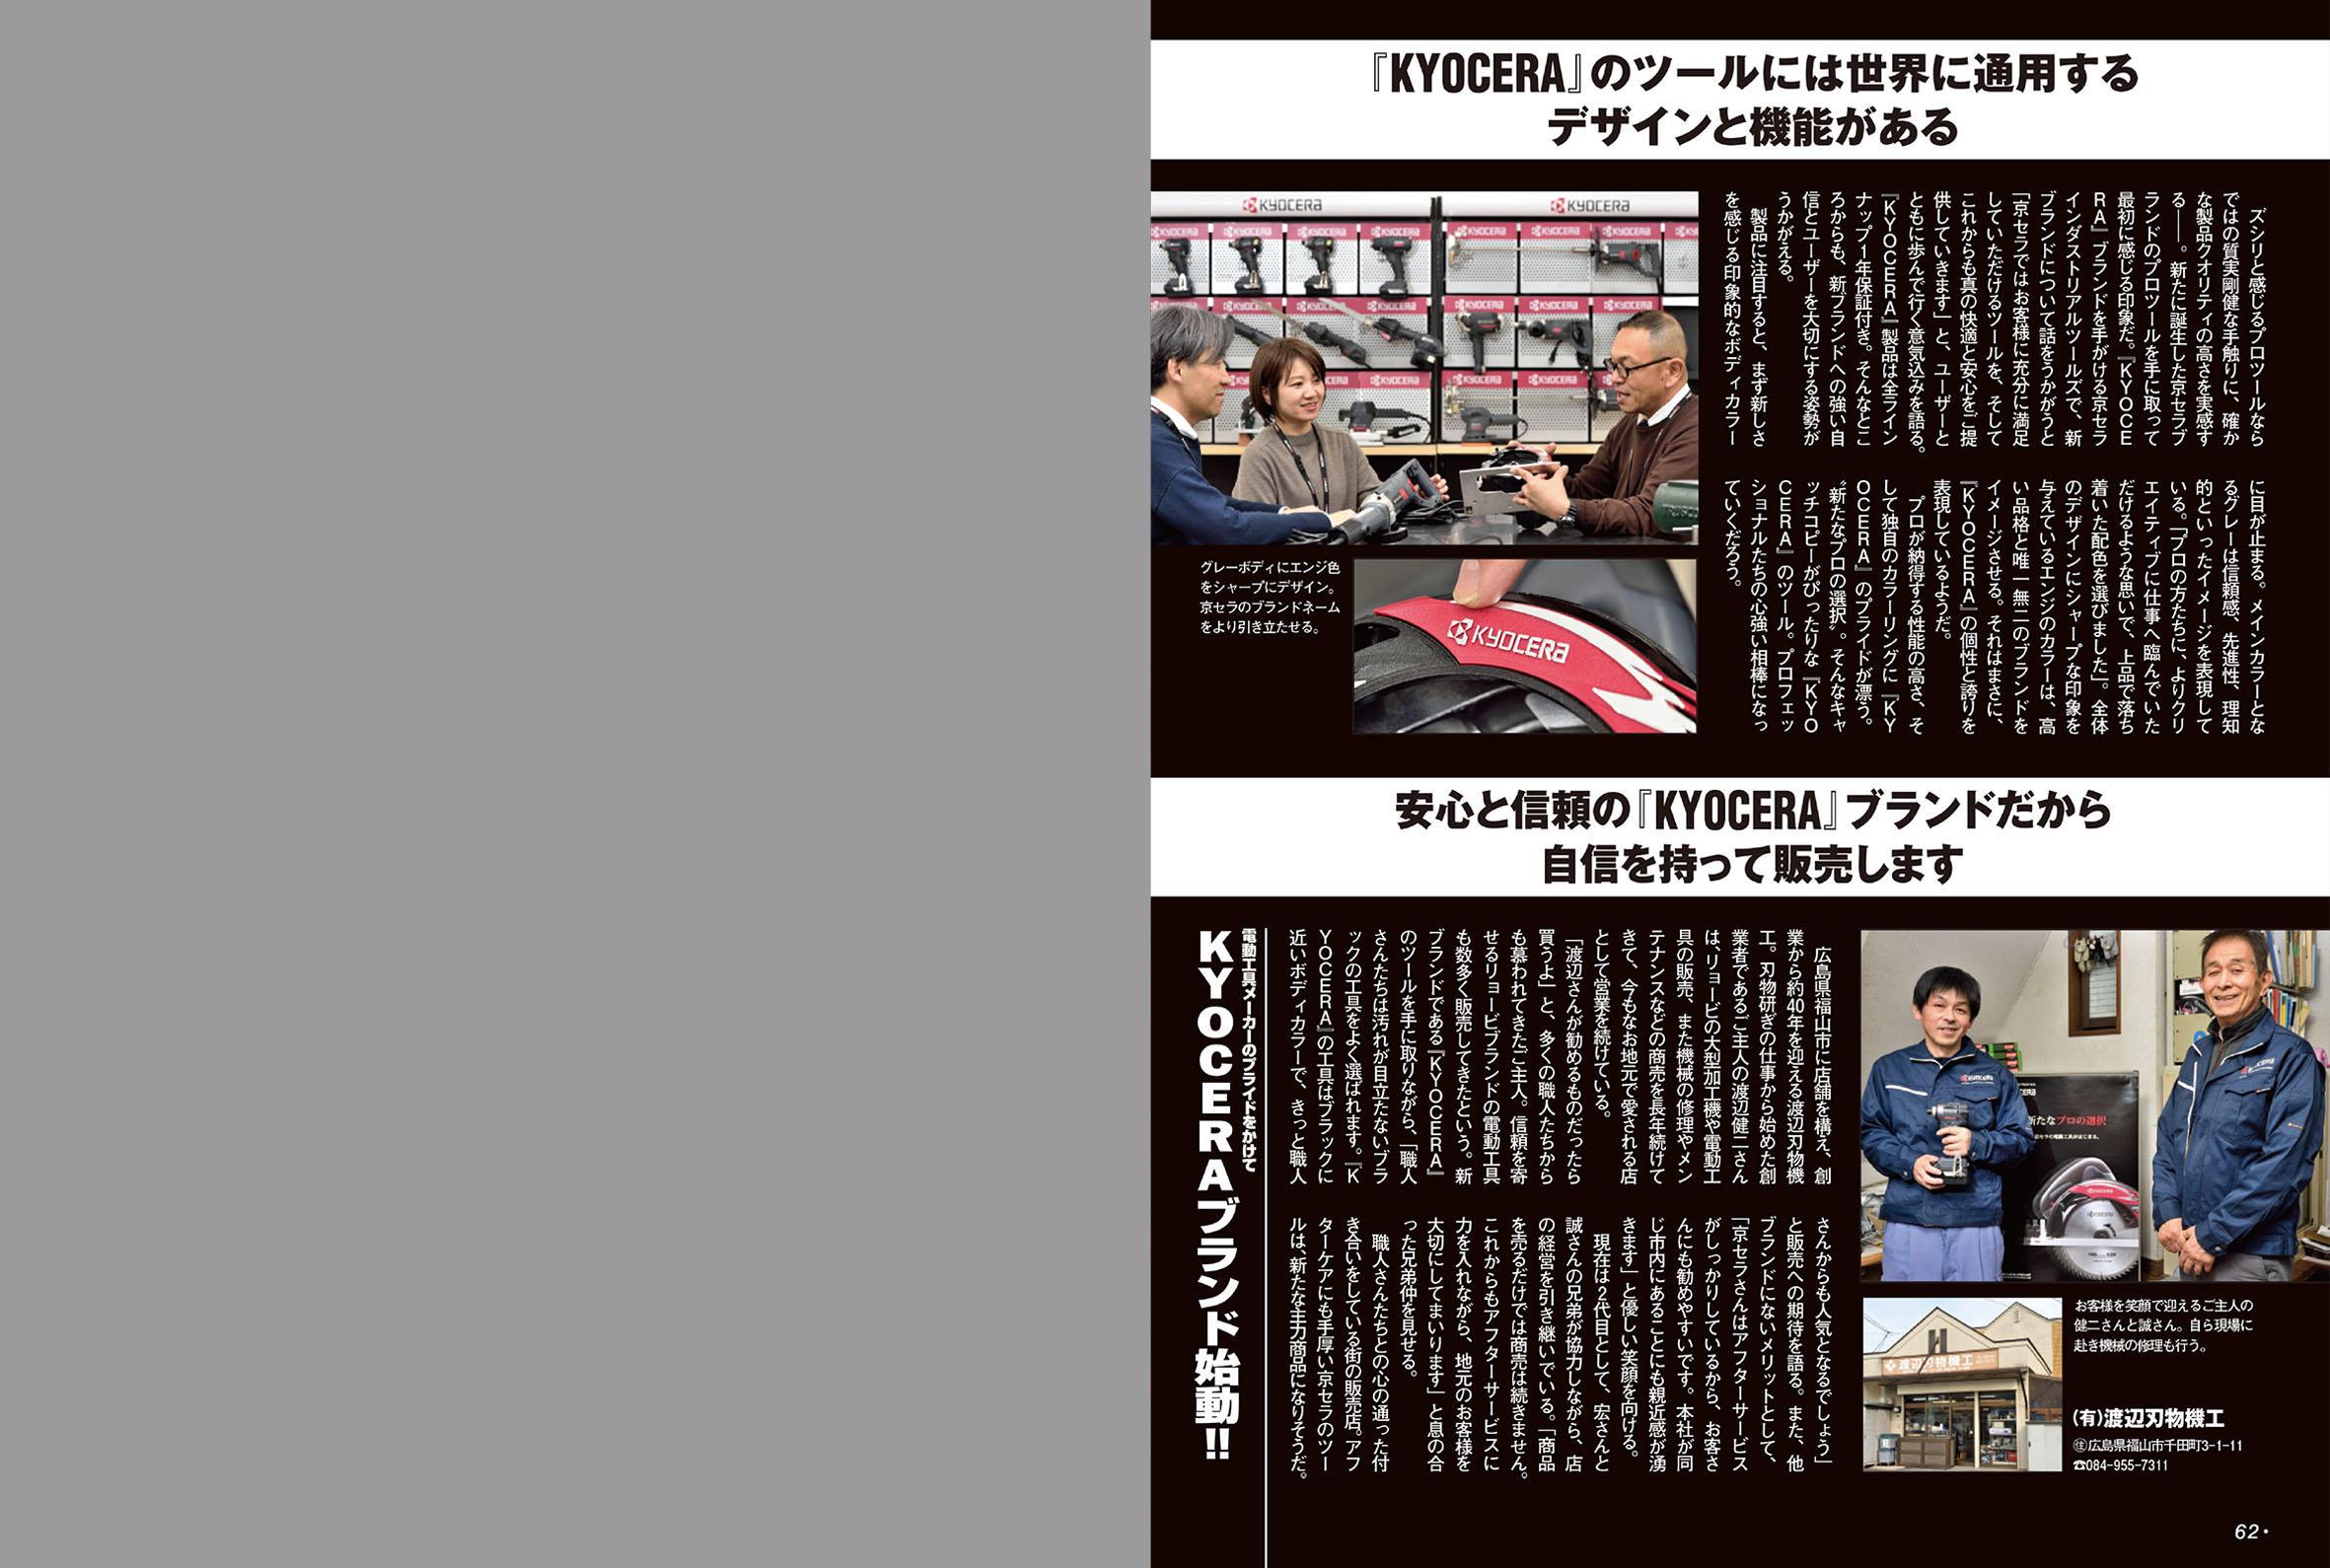 モノマガ_4月2日号_KYOCERAブランド-2.jpg